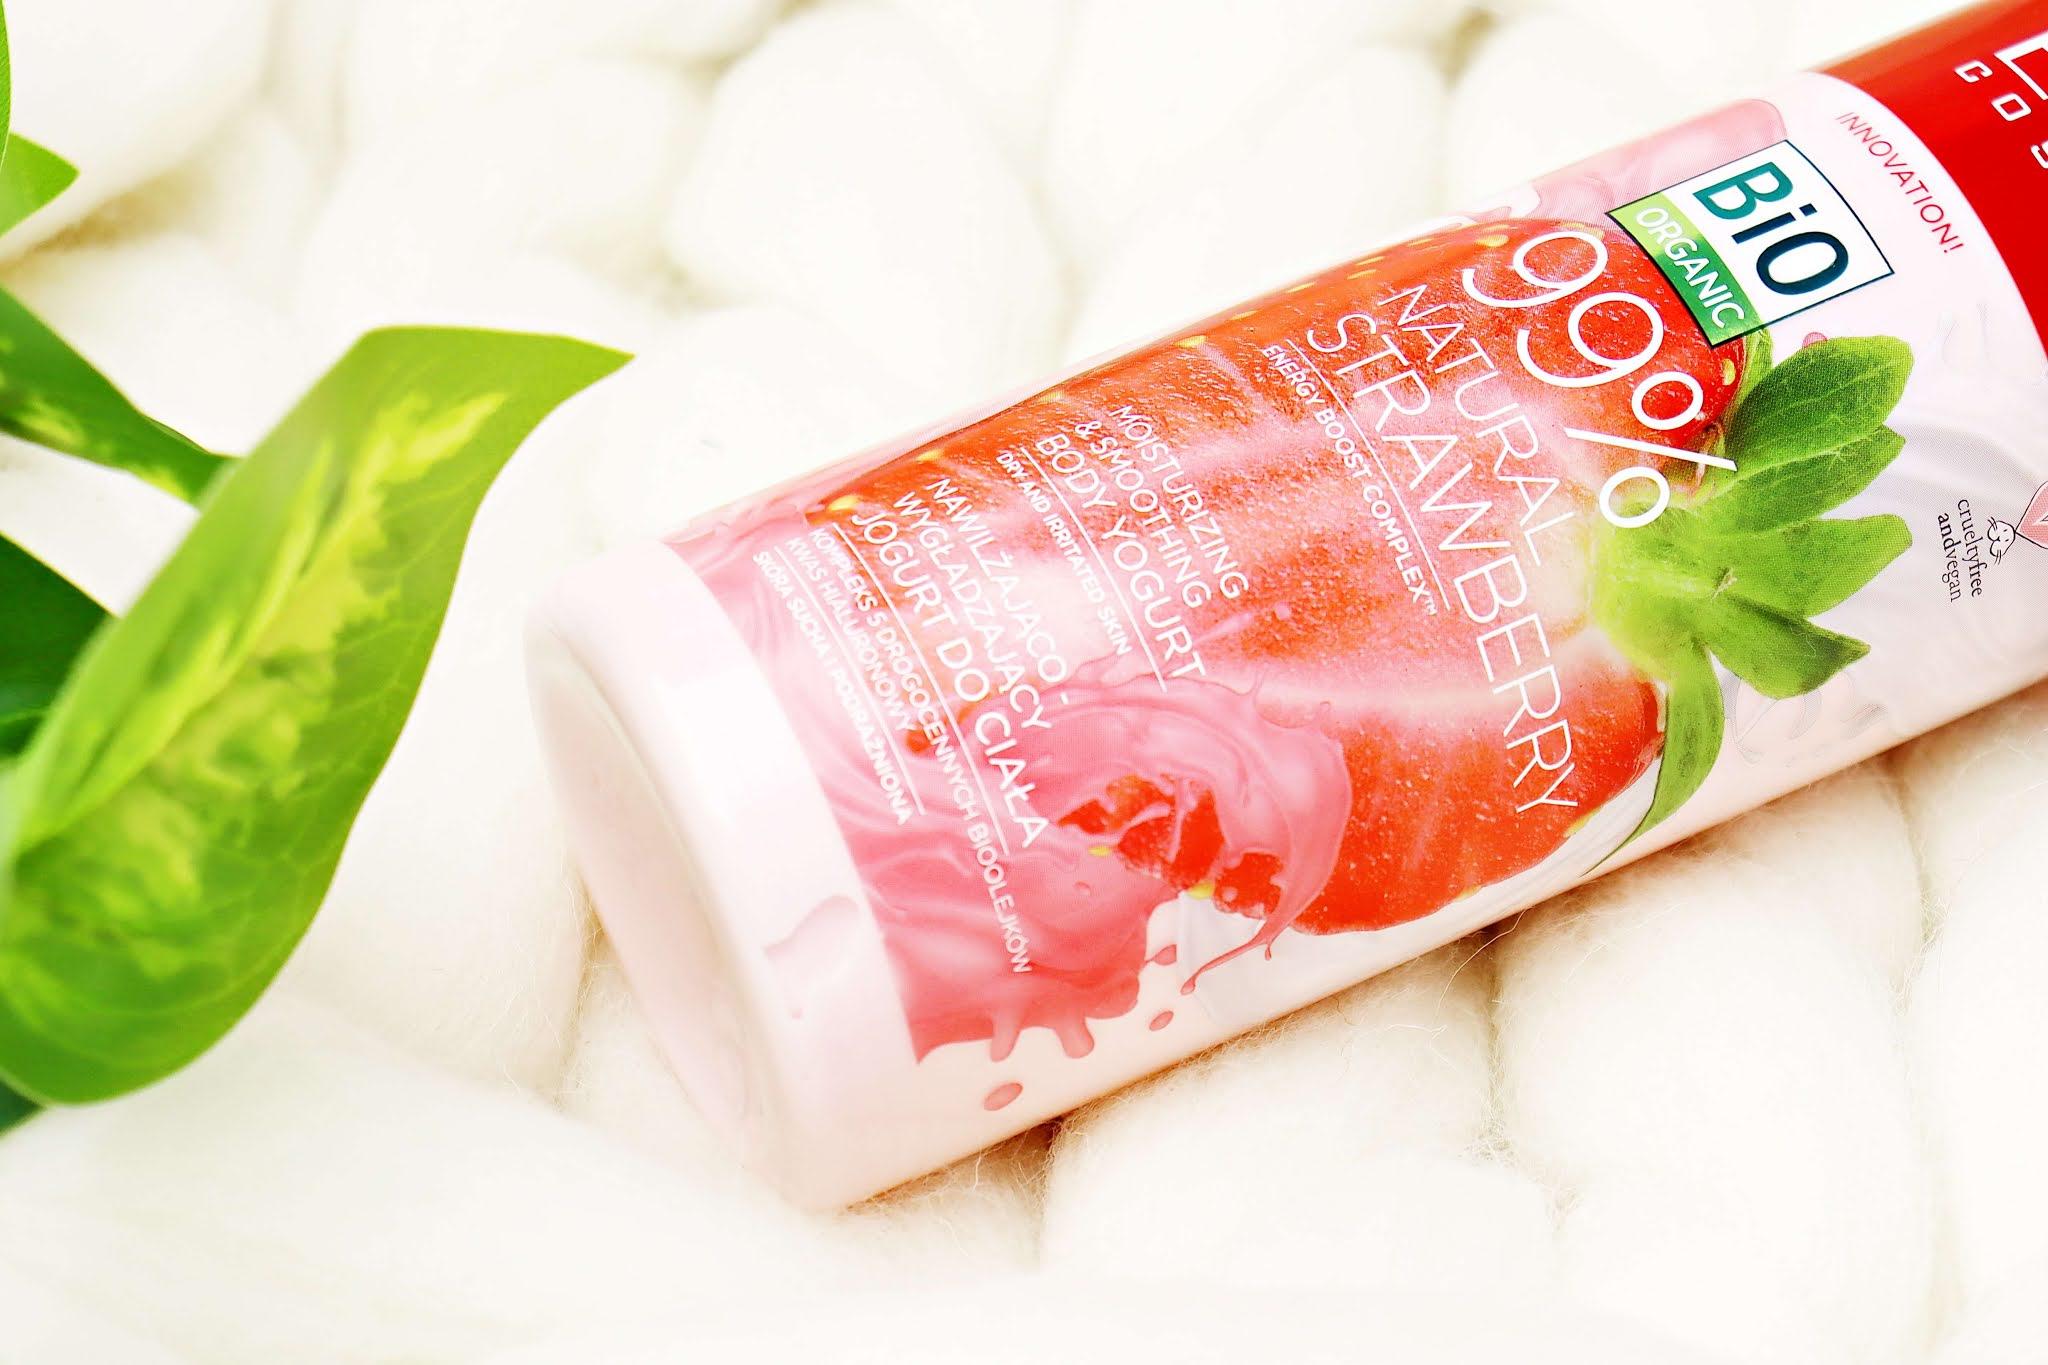 Jogurt do ciała Eveline 99% Natural Strawberry Nawilżająco-wygładzający